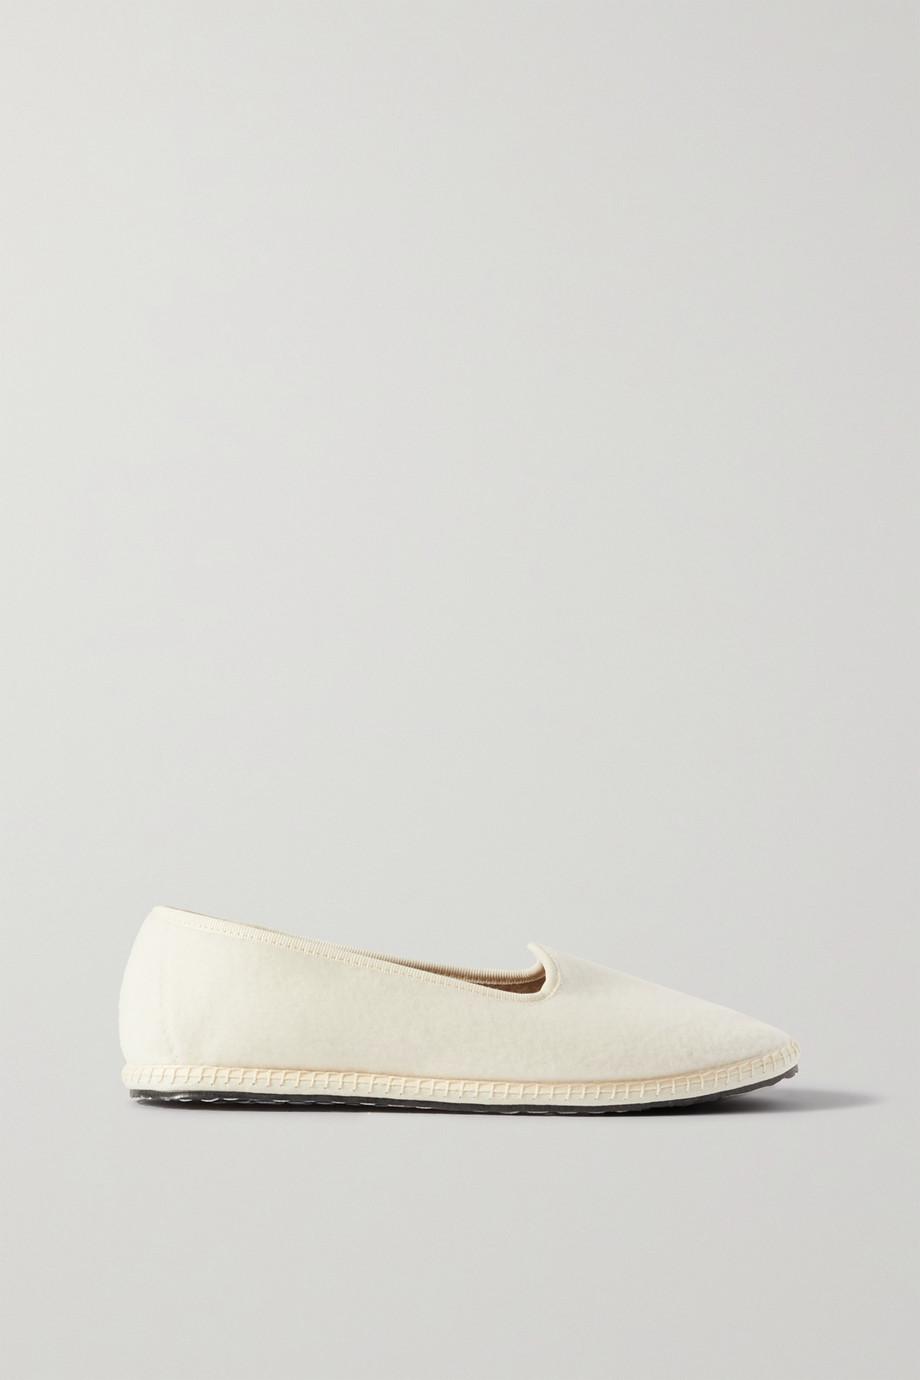 Vibi Venezia Cashmere slippers